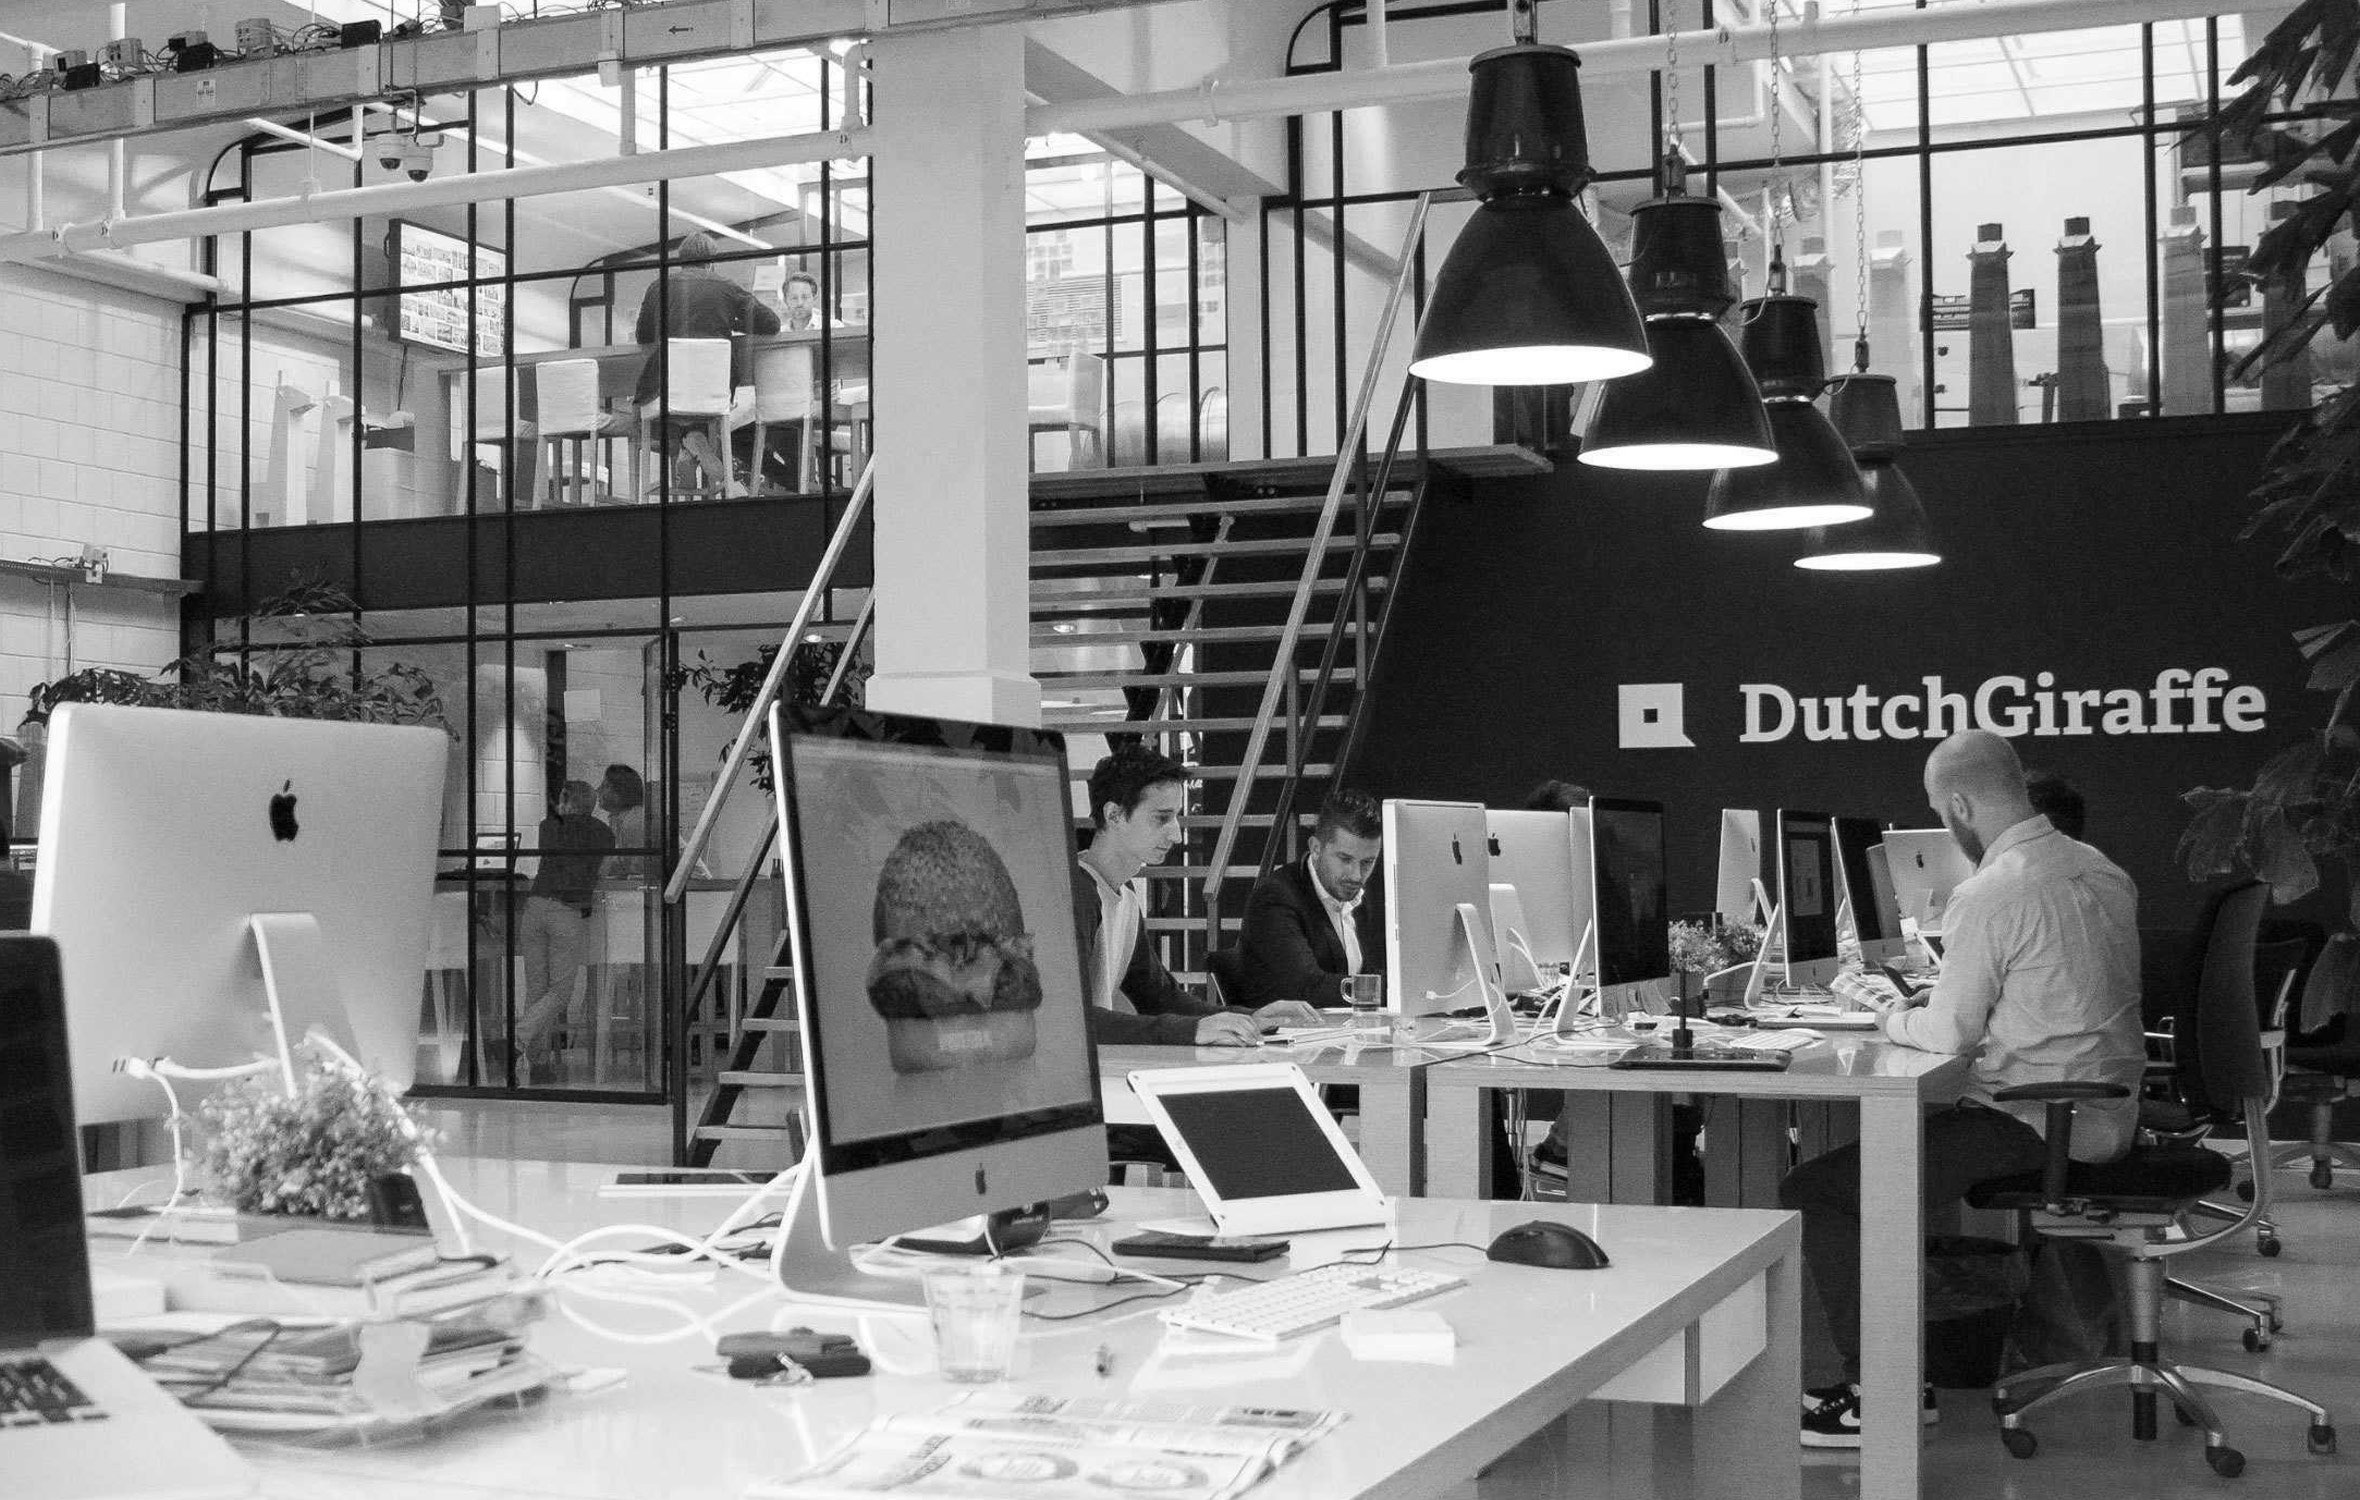 DutchGiraffe_Academy_Stage_01